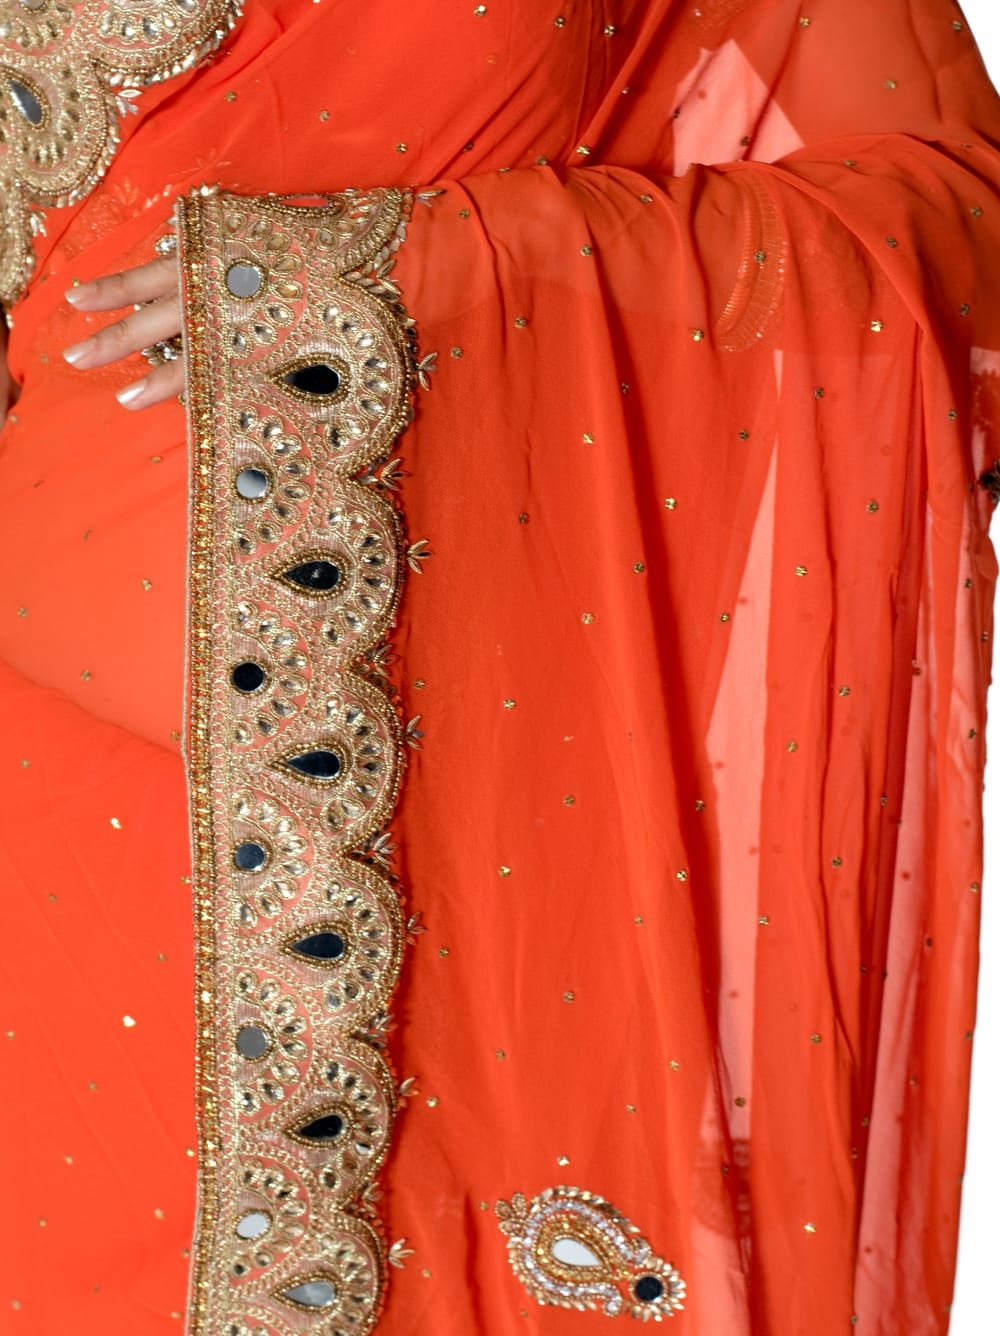 【一点物・ちょっと訳あり】ミラーワークと刺繍の婚礼用ゴージャス ジョーゼットサリー【チョリ付き】 - オレンジ 6 - とても綺麗なサリーです